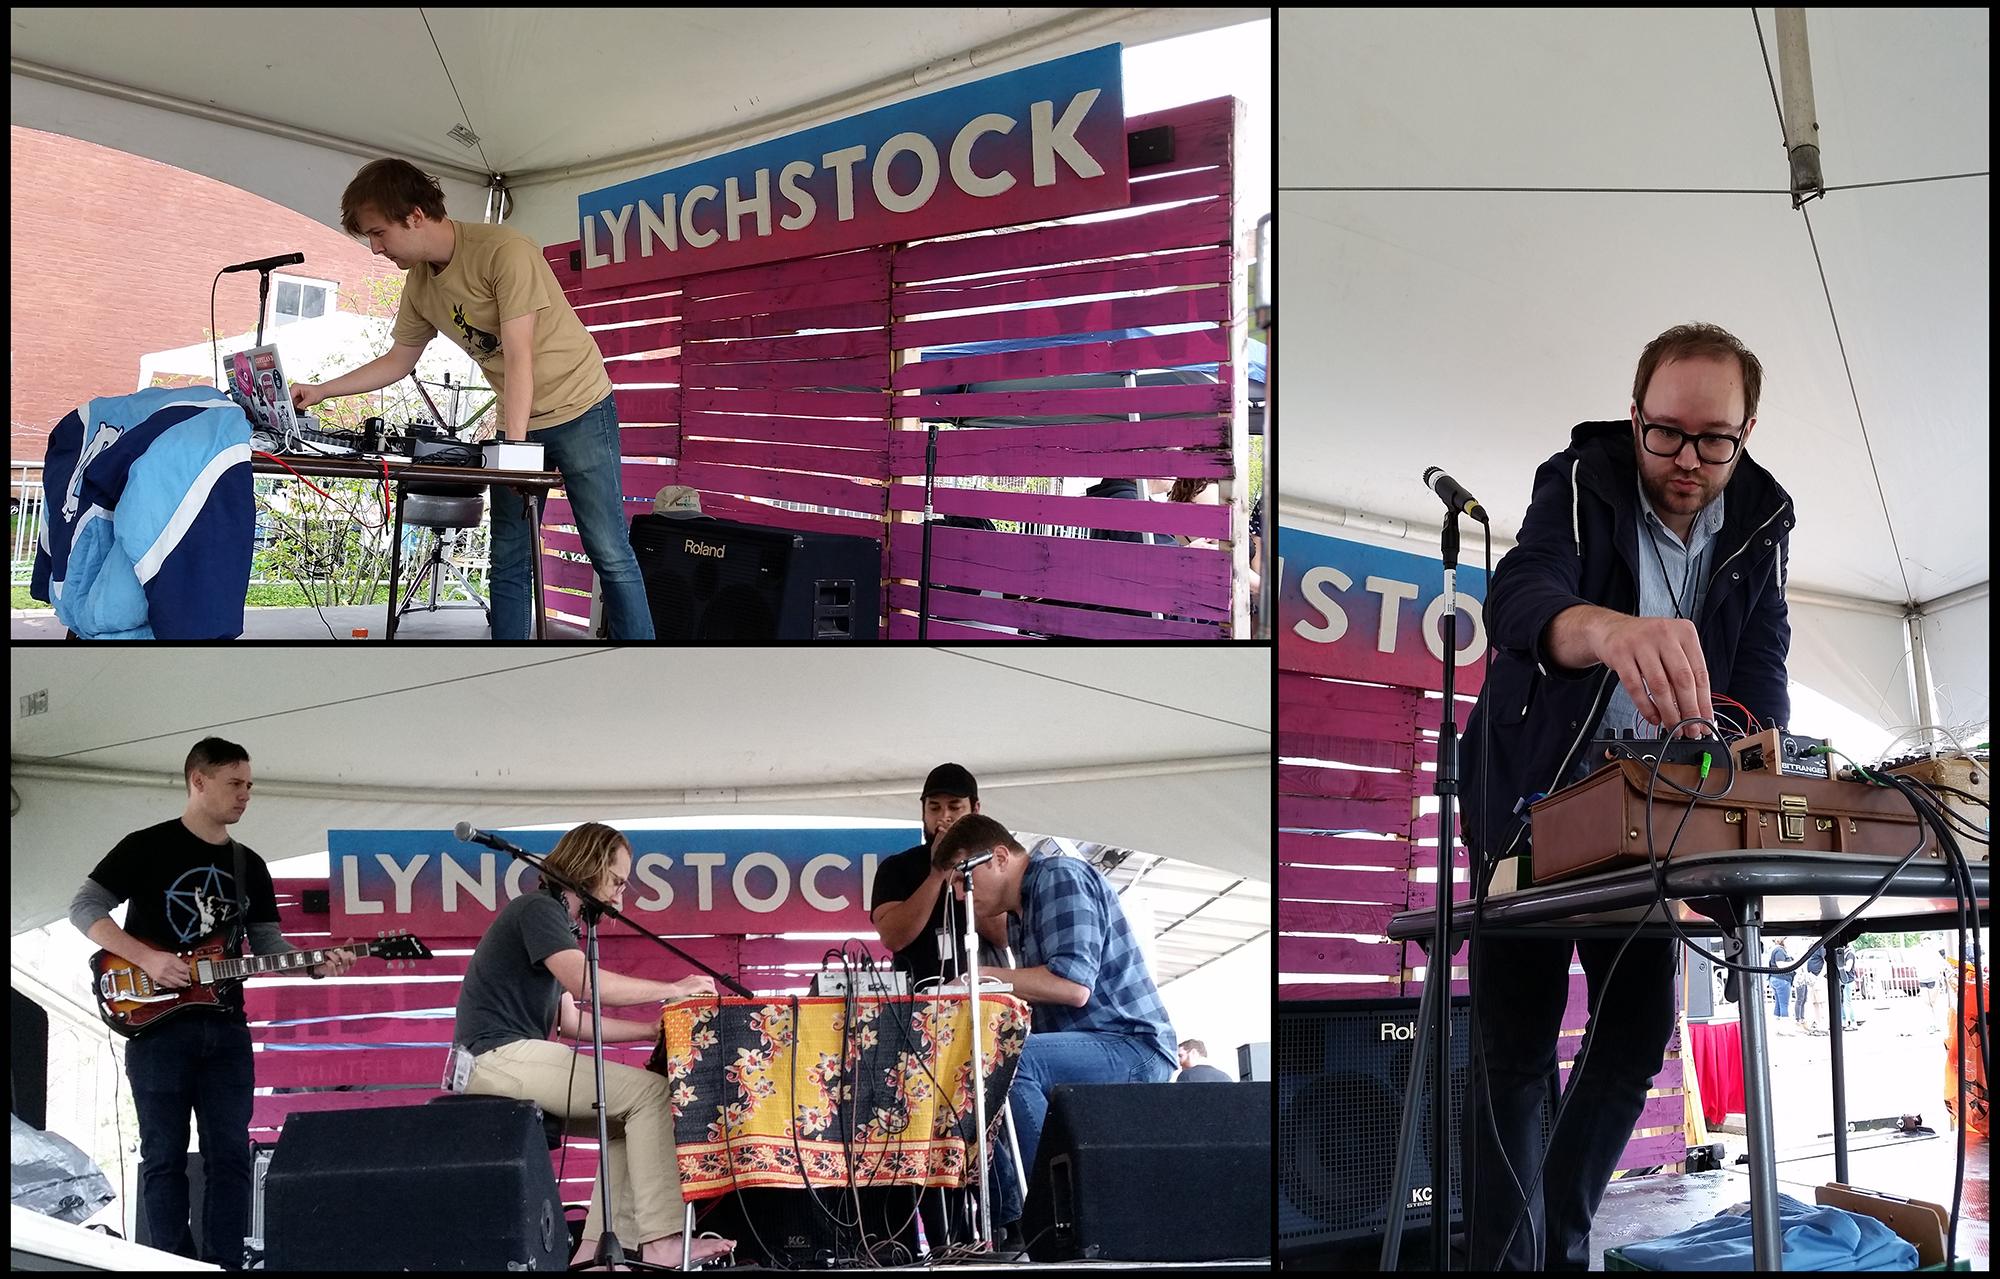 Lynchstock 2017 Collage (2000w, 300 DPI)